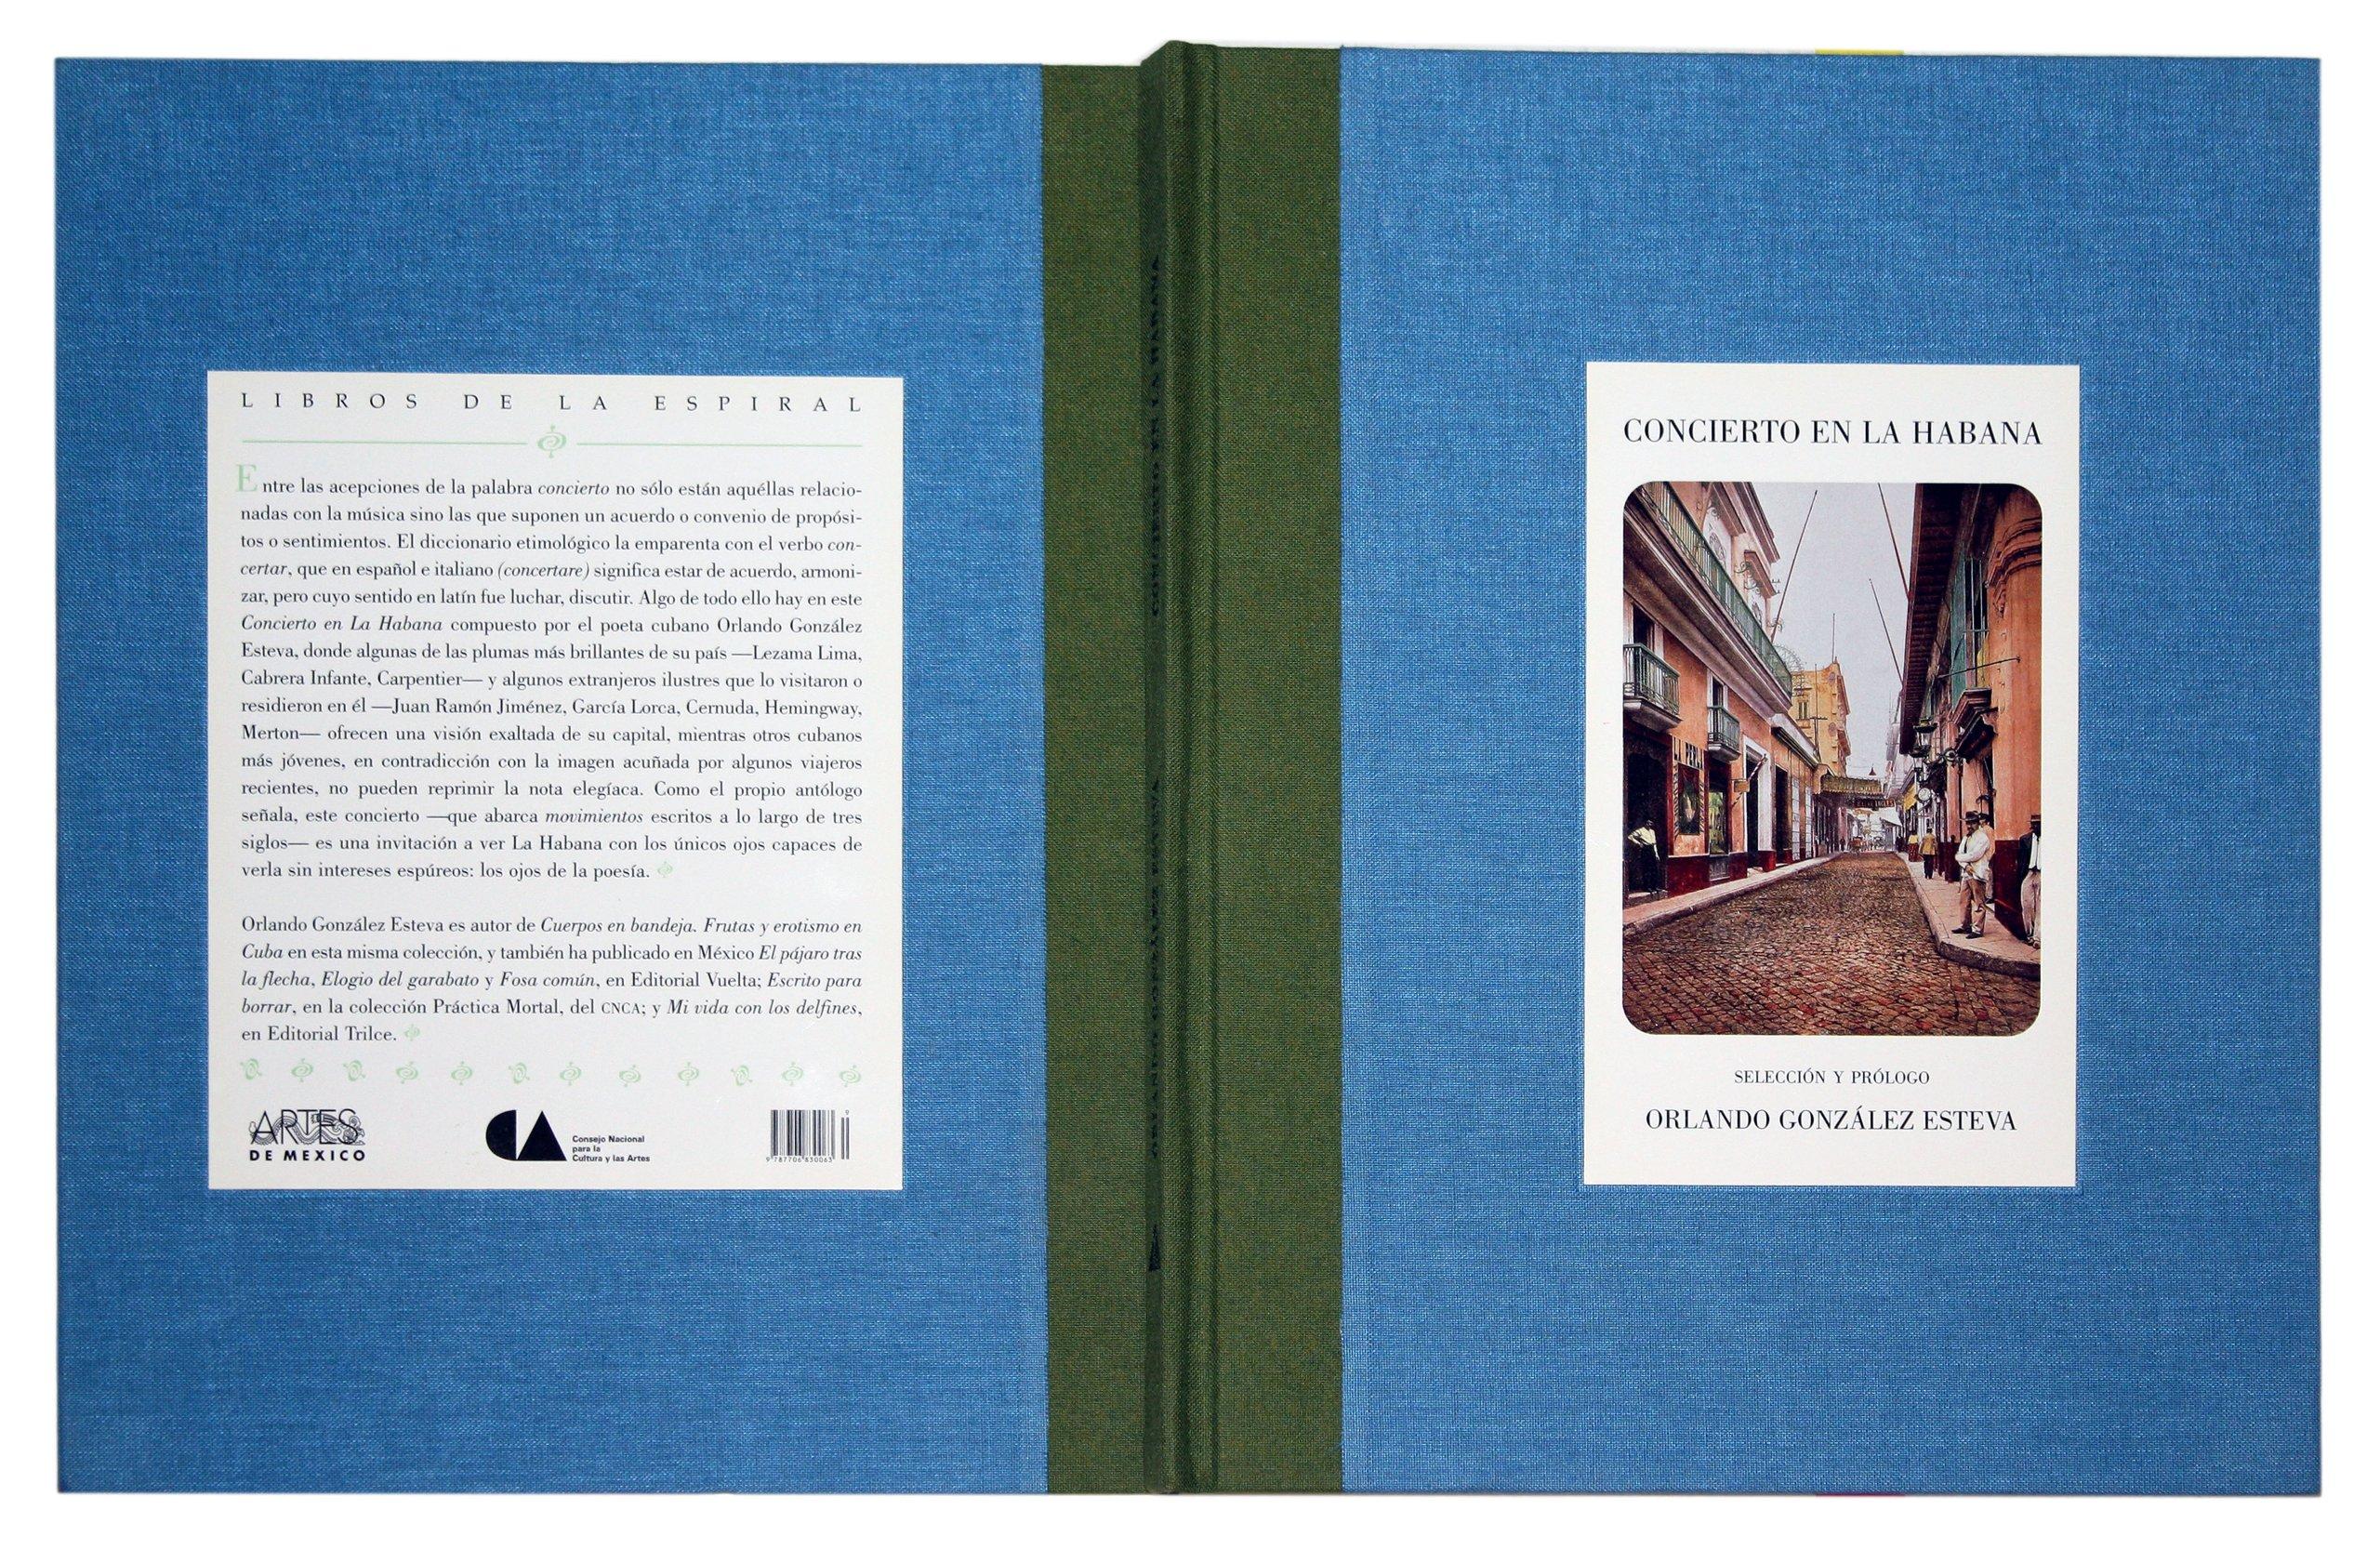 Concierto en La Habana (Concert in Havana) (Libros de la espiral) (Spanish Edition) (Spanish) Hardcover – January 1, 2000